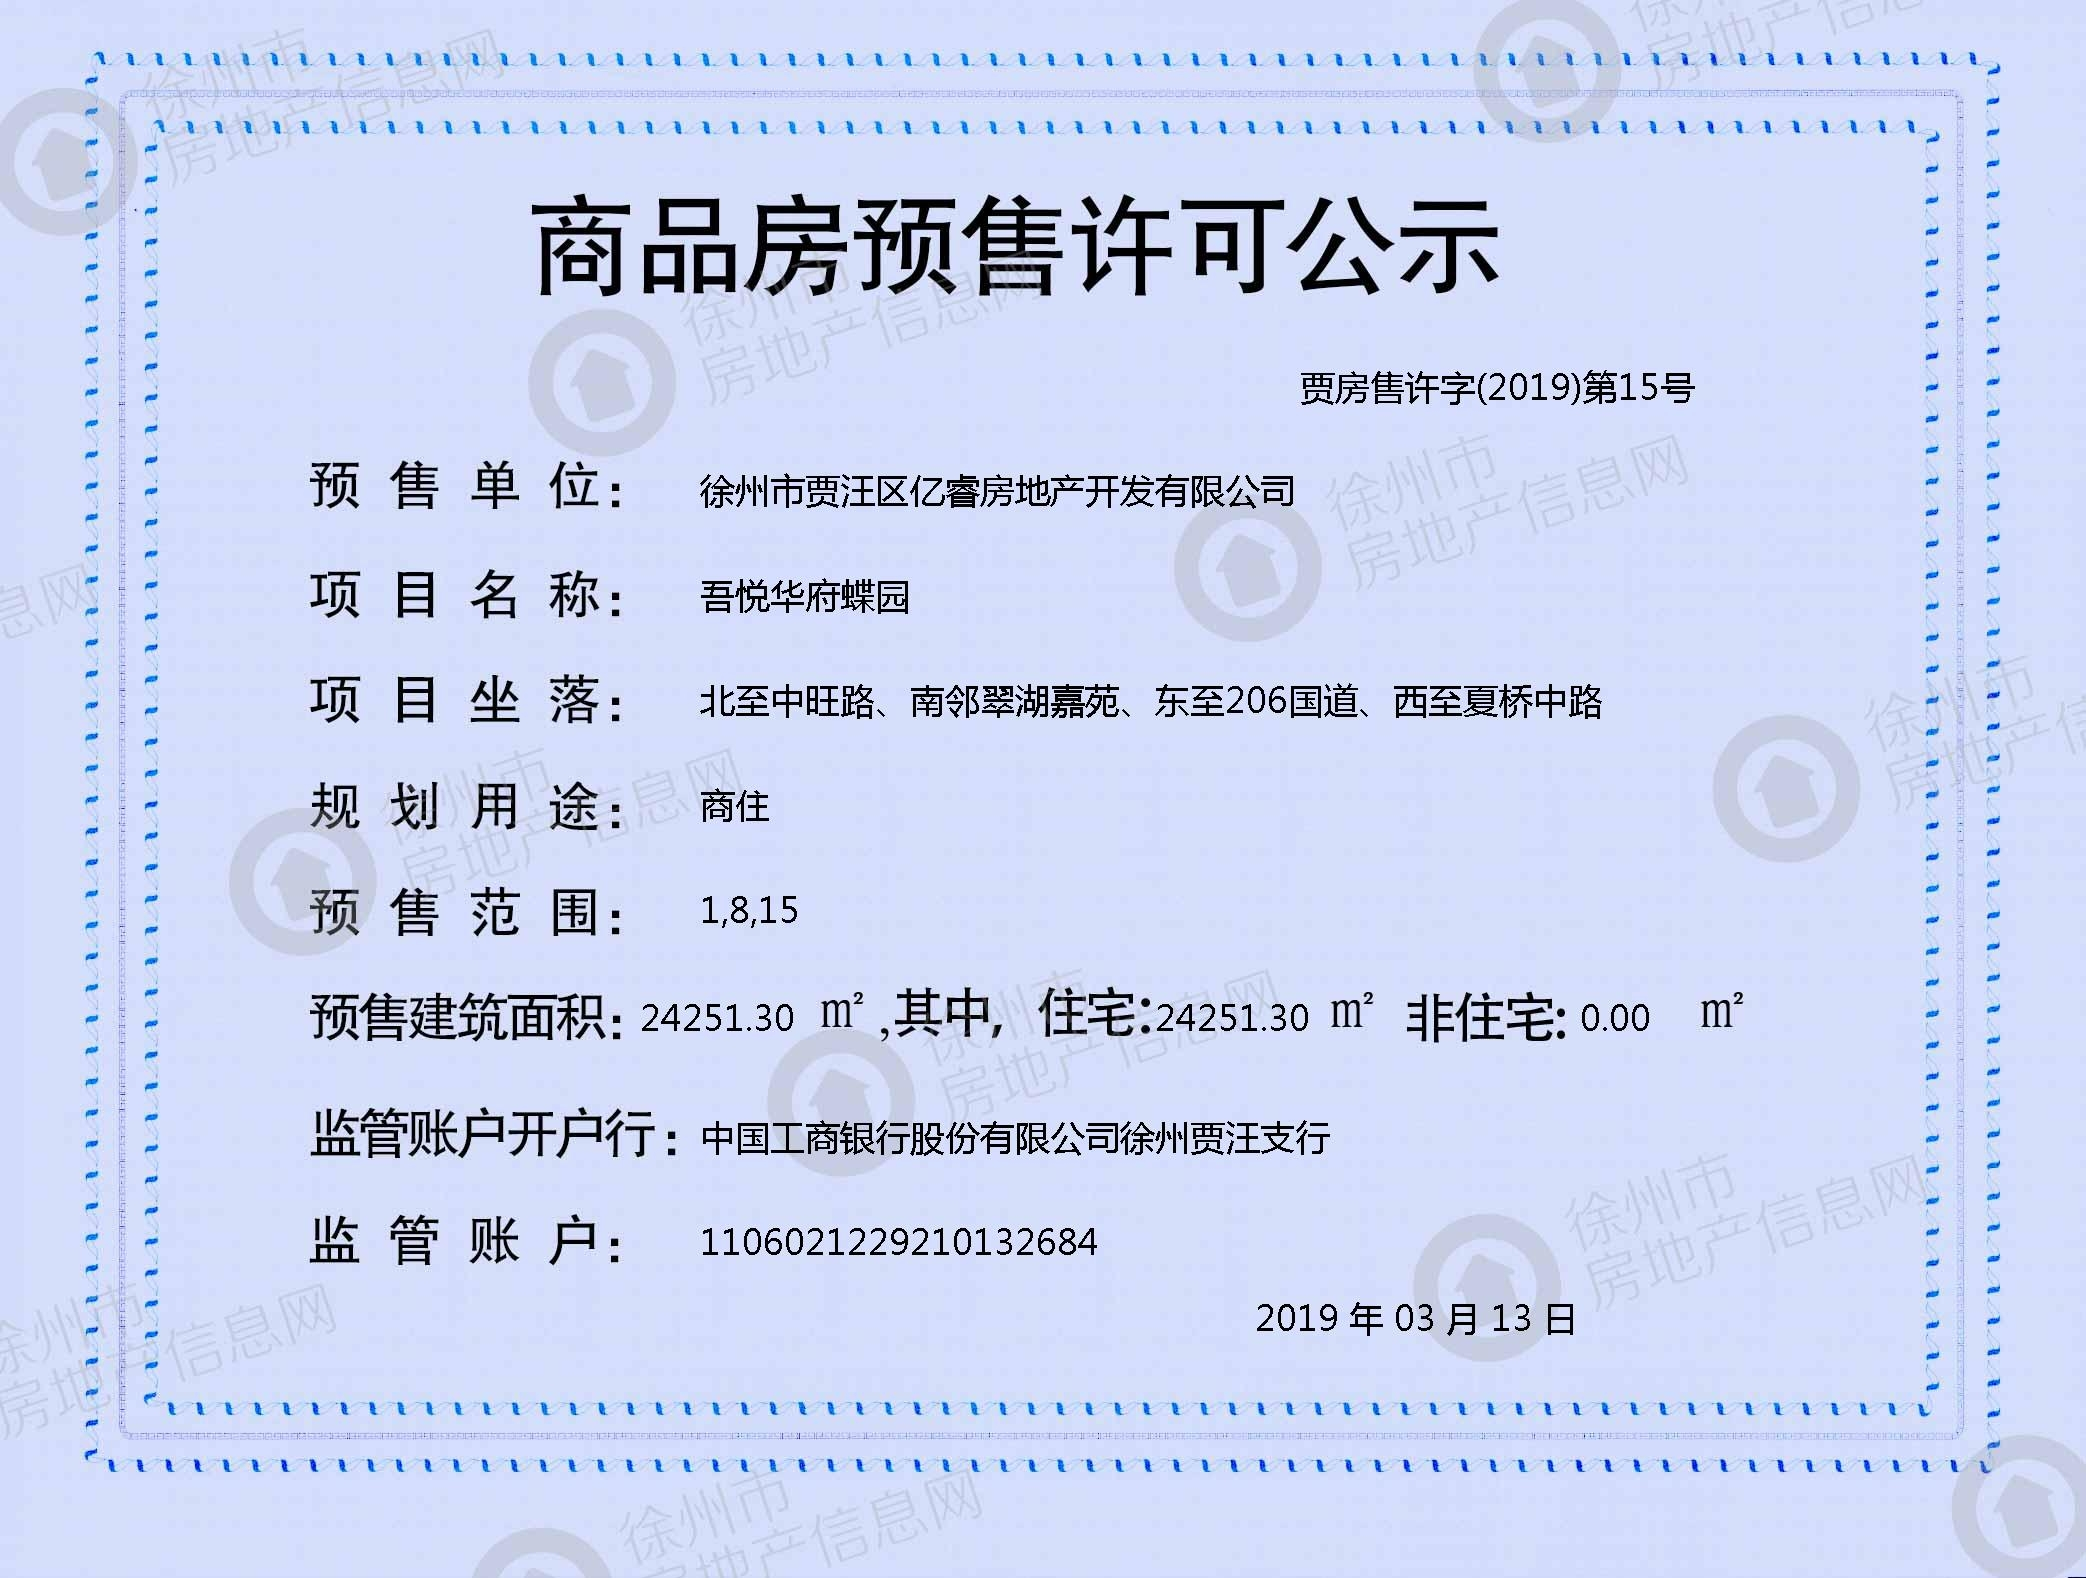 徐州吾悦广场预售证信息(1、8、15#楼)